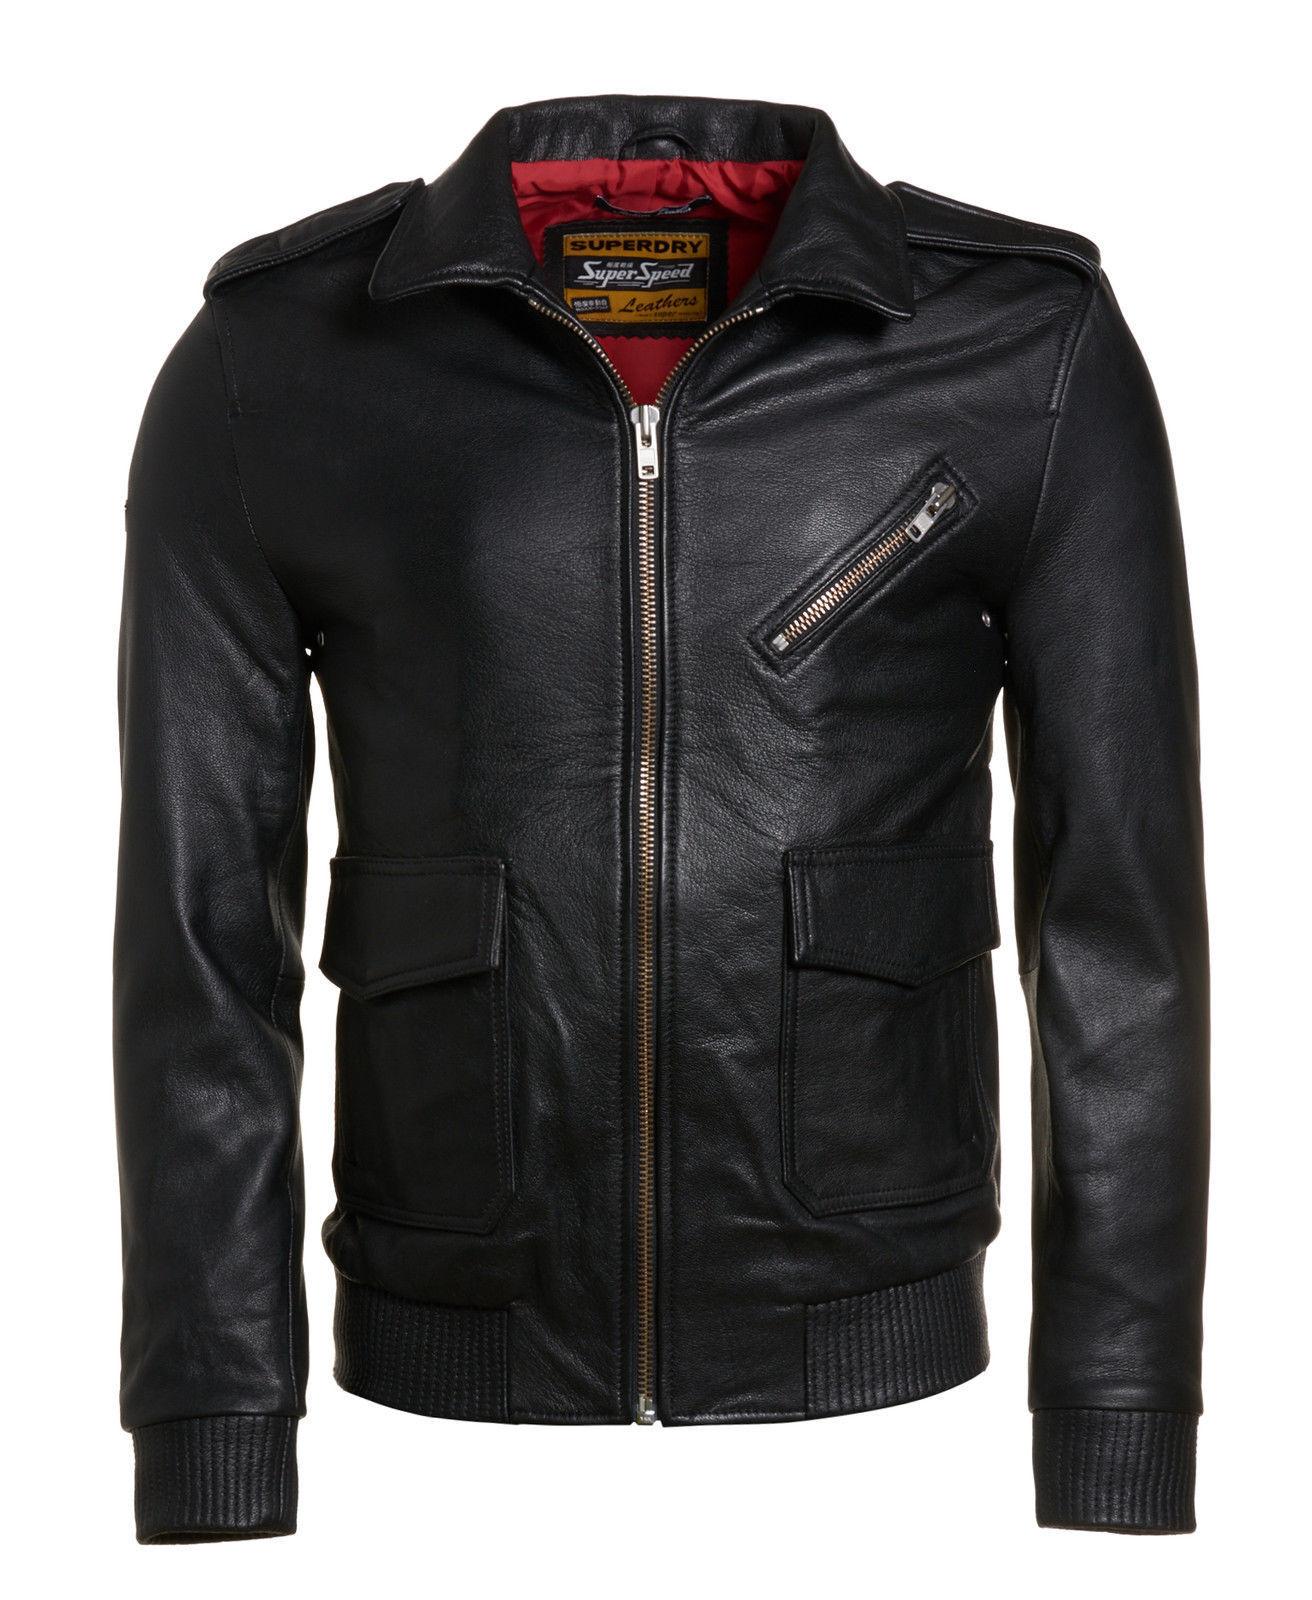 Jacken und Mäntel aus Leder für Herren günstig kaufen | eBay